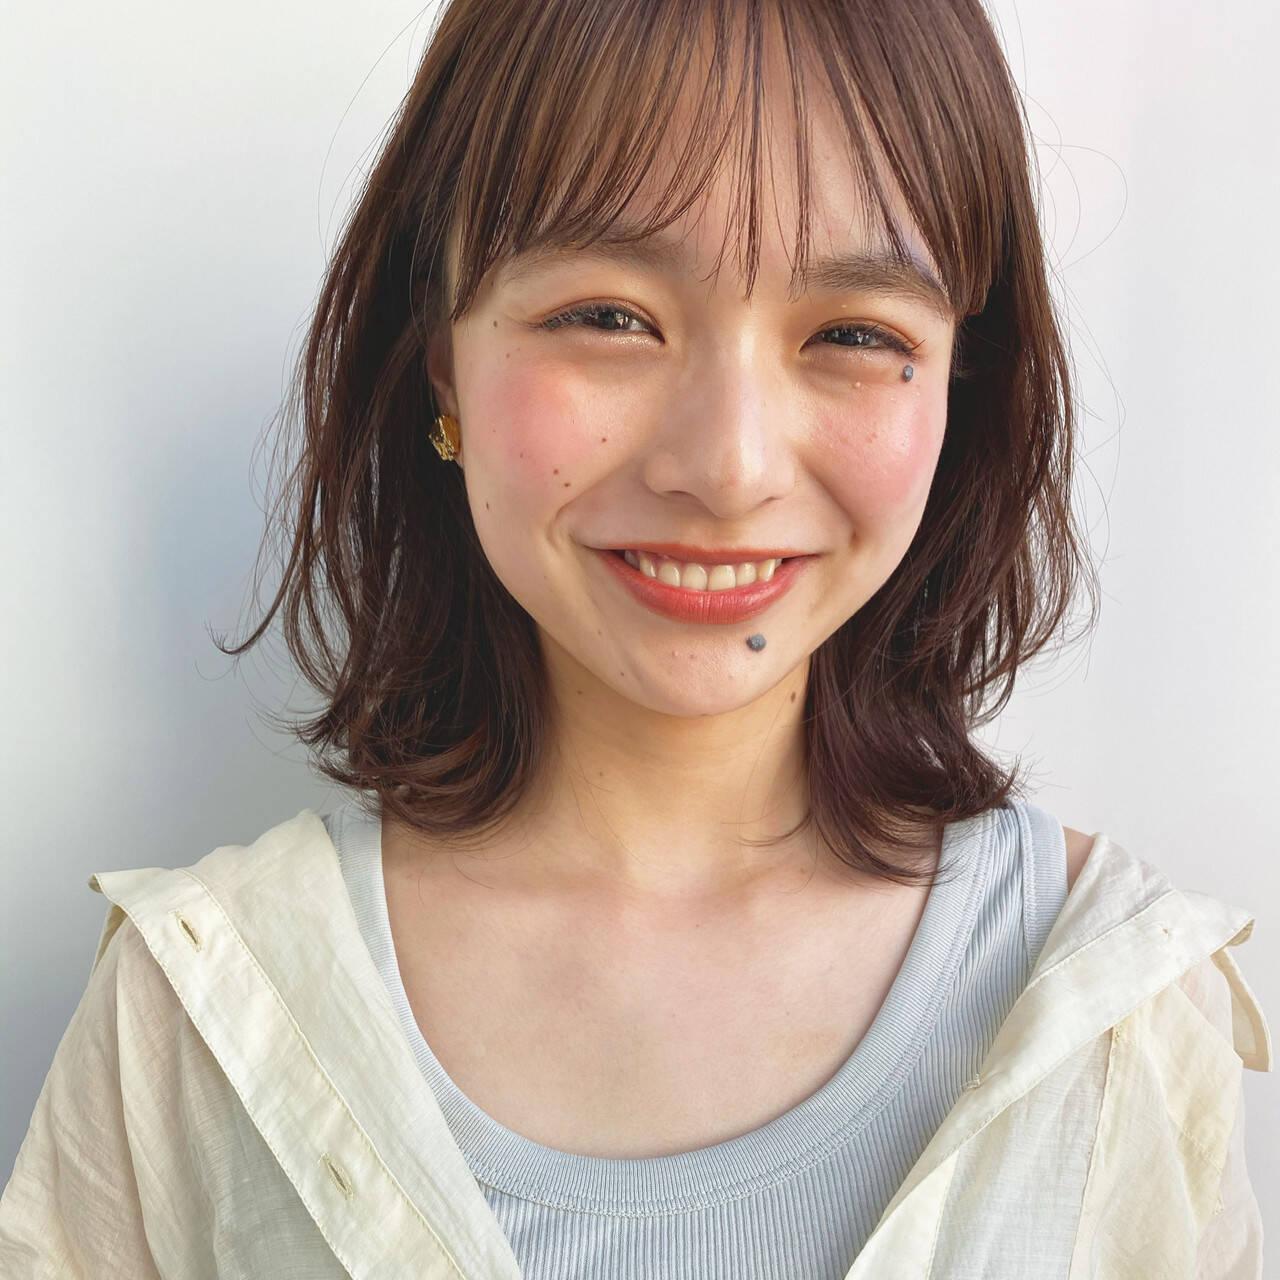 ミディアムレイヤー ミディアム 小顔 前髪ありヘアスタイルや髪型の写真・画像